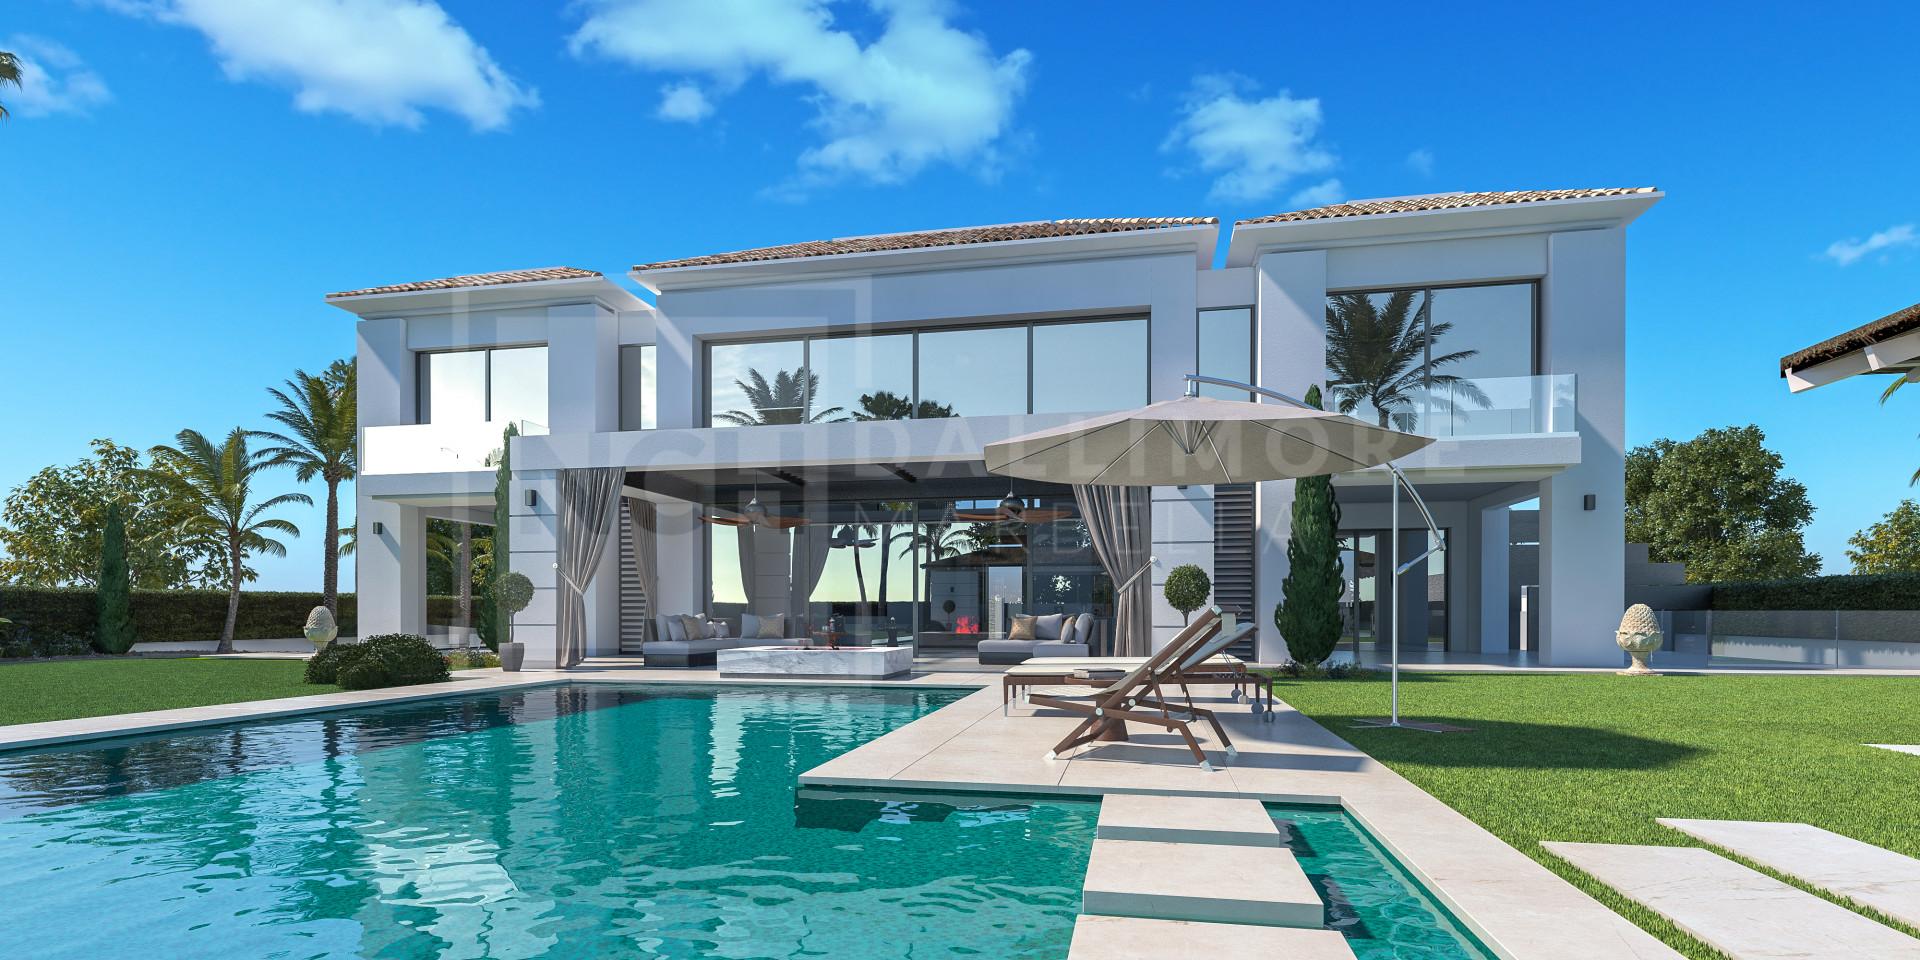 Villa Casasola, Estepona - NEWV6333